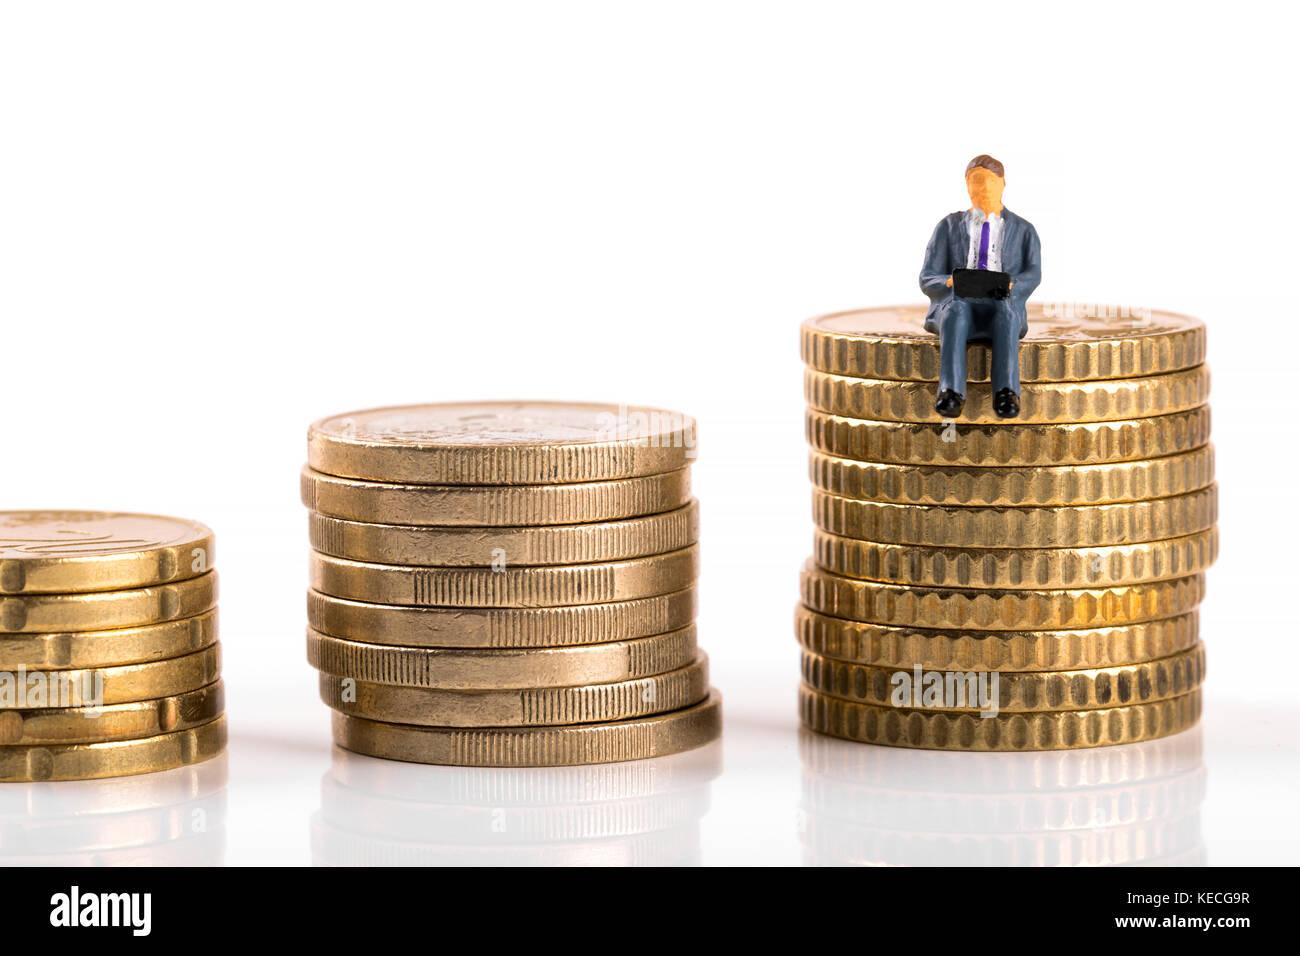 Das Wachstum des Unternehmens Konzept - Geschäftsmann saß auf seinem Gewinn Stockbild